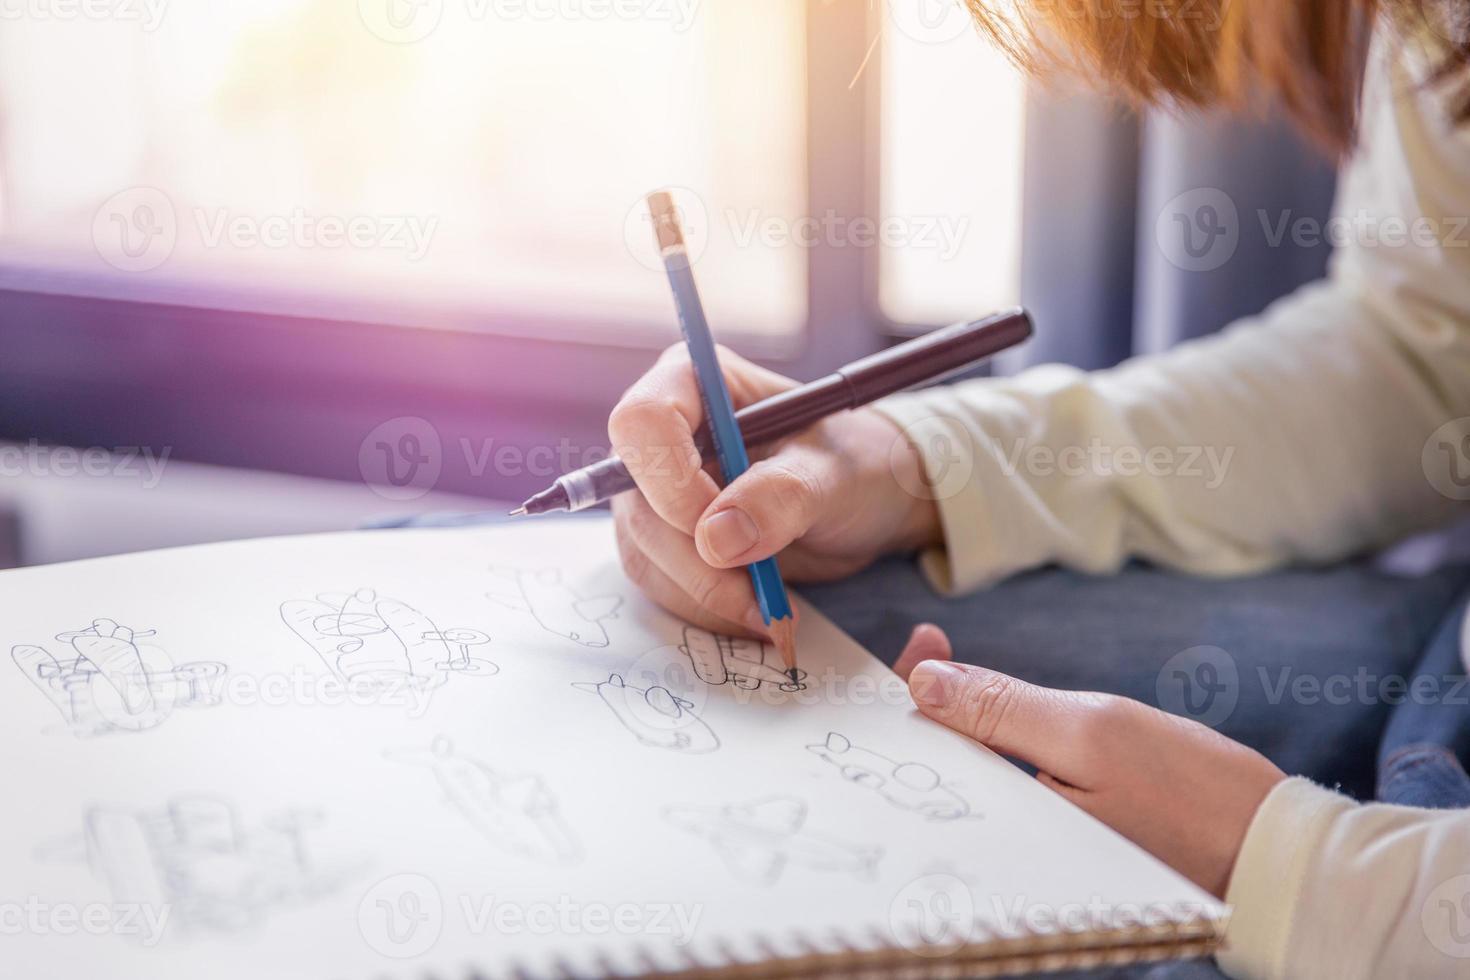 kvinnan utför frihandsteckningar av penna och penna på vitt papper i en mjuk ton av varmt ljus från fönstret. foto